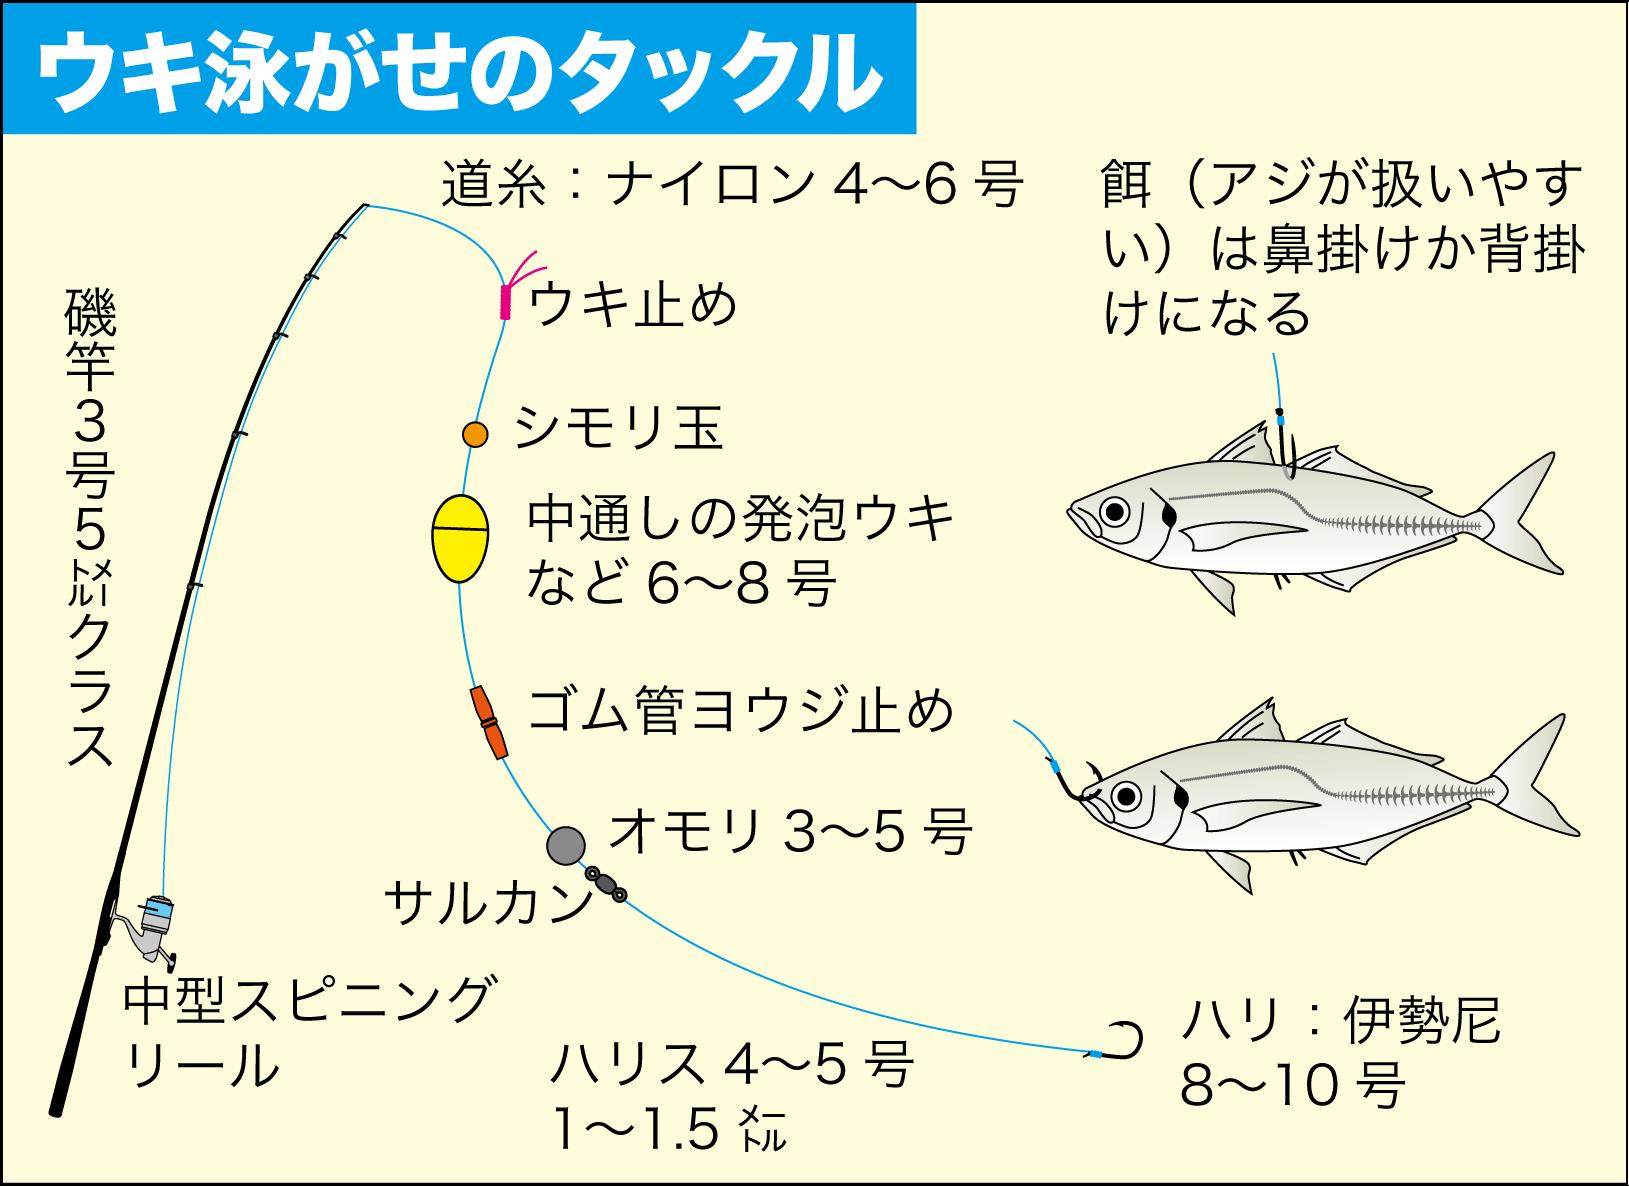 ハマチ(ブリ)の釣り方26